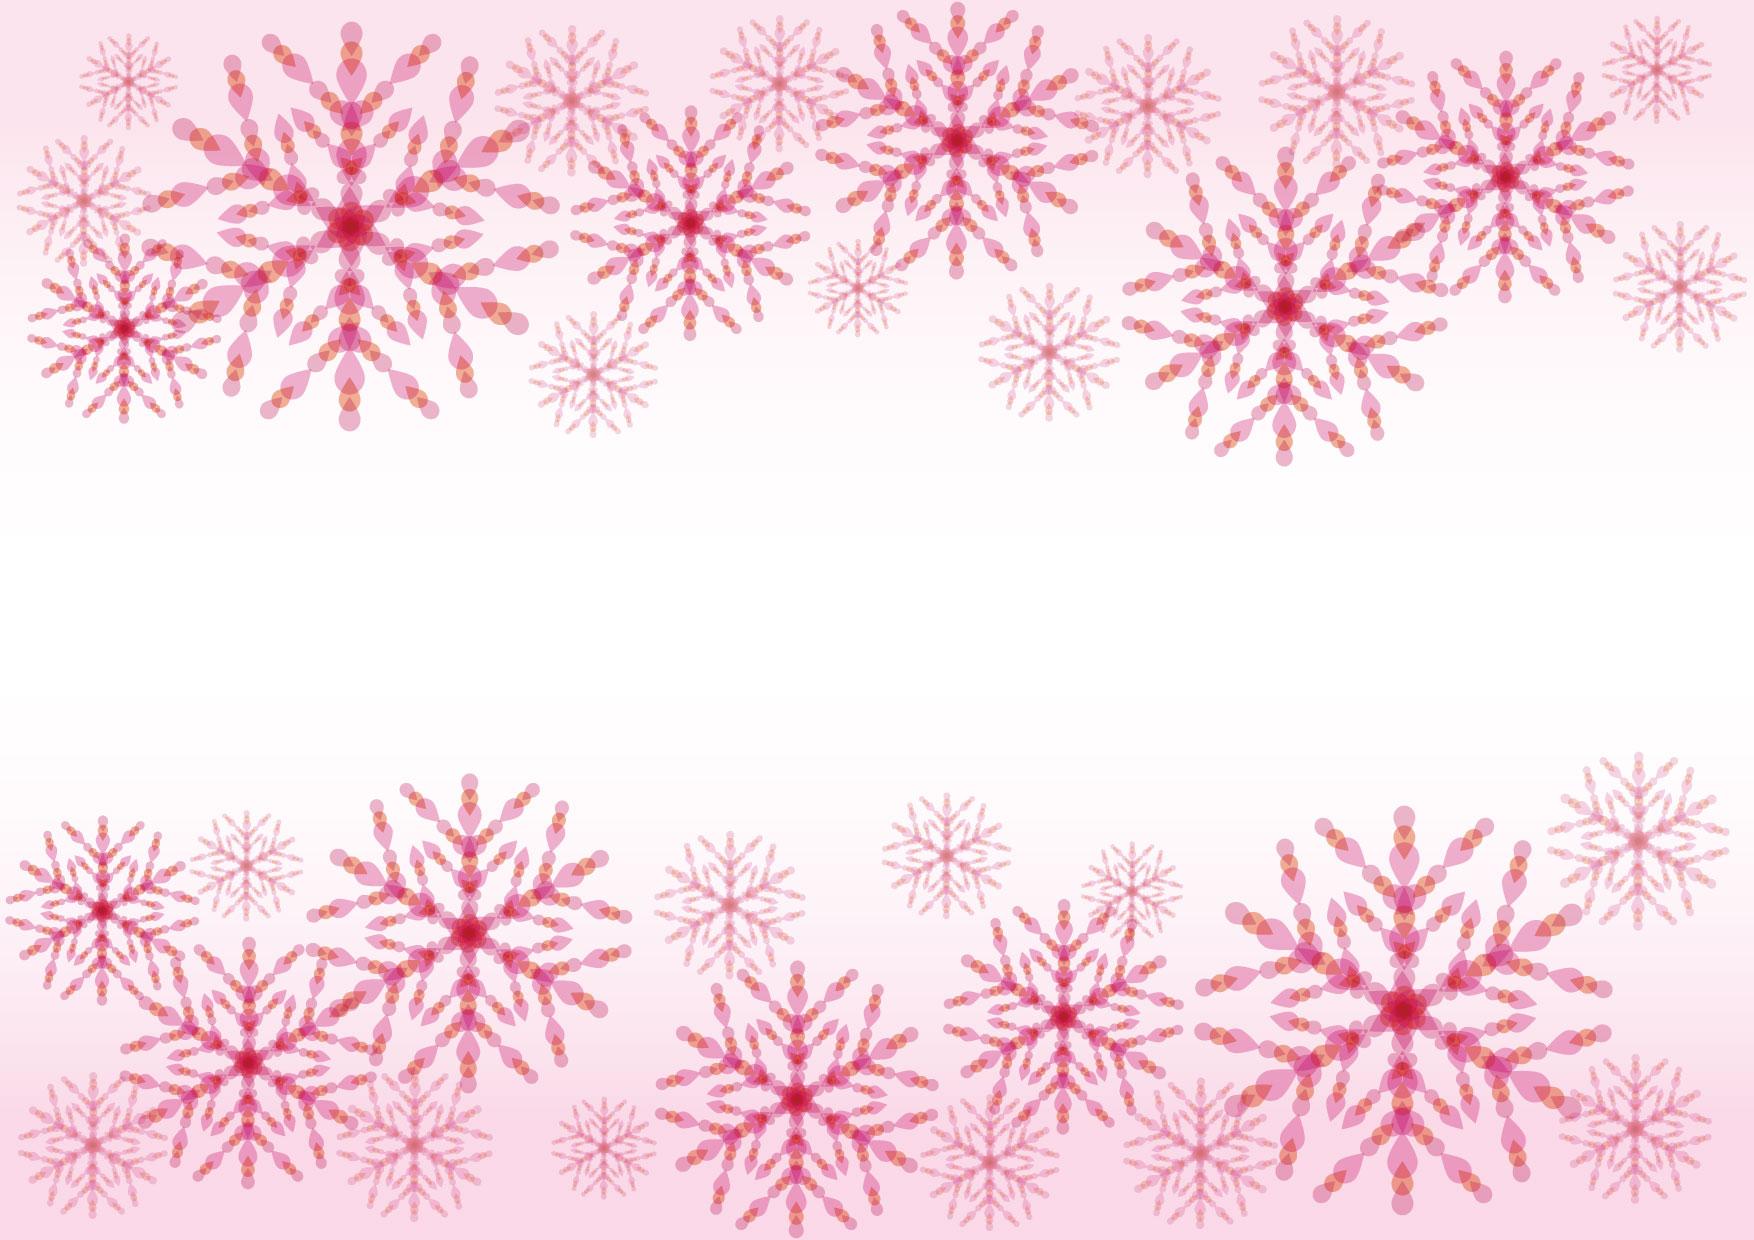 可愛いイラスト無料|雪の結晶 ピンク 背景 − free illustration Snowflakes pink background